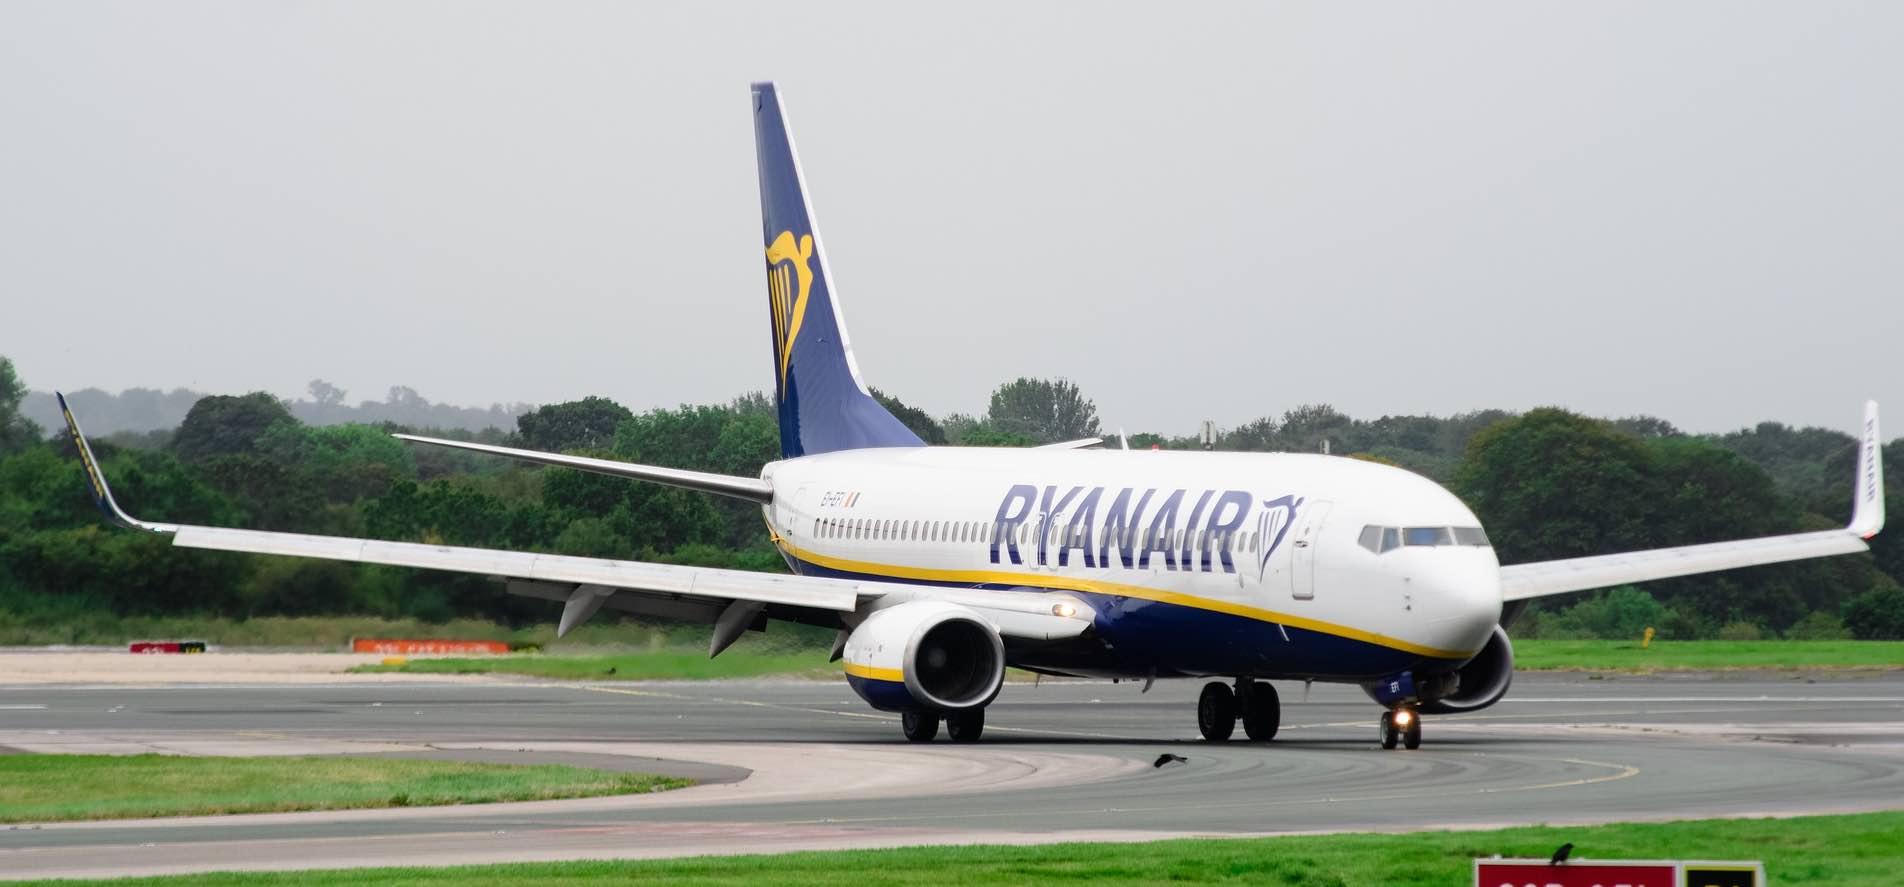 Ryanair pide a clientes no insistan solicitud reembolso coronavirus COVID-19